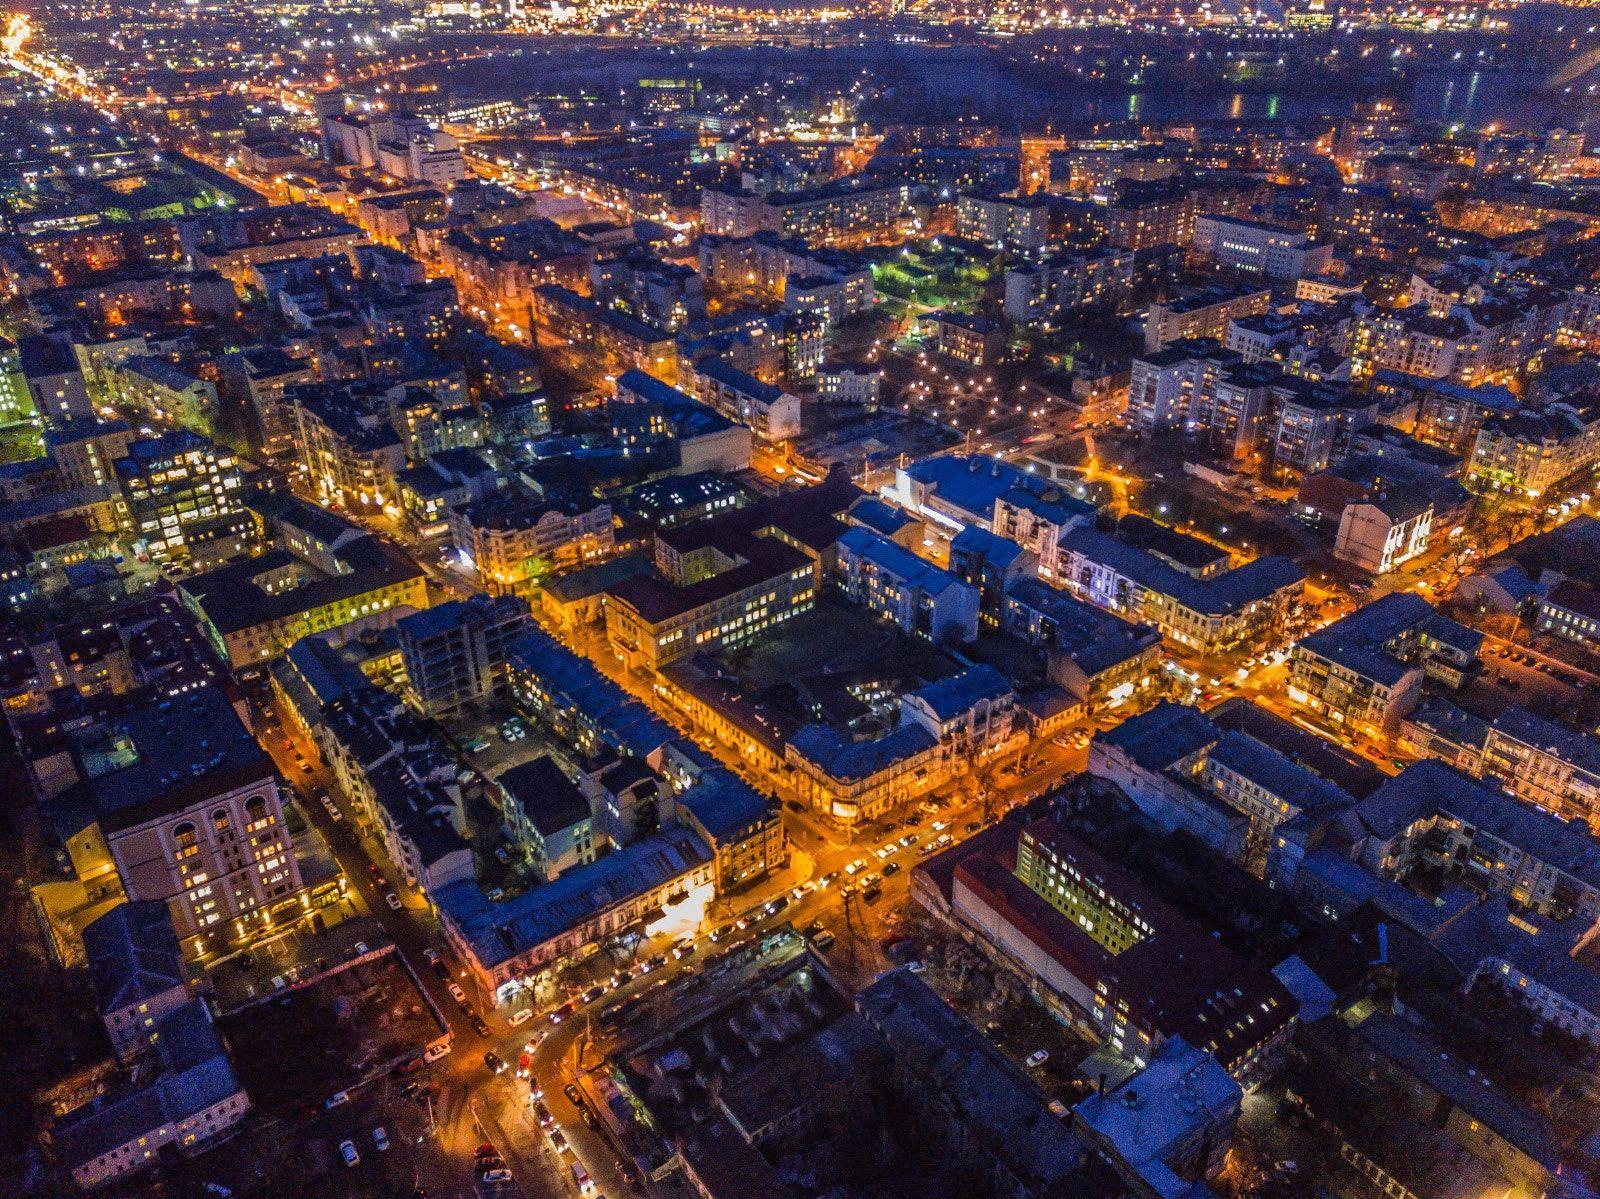 Київський фотограф показав унікальні фото Києва з висоти - фото 371117